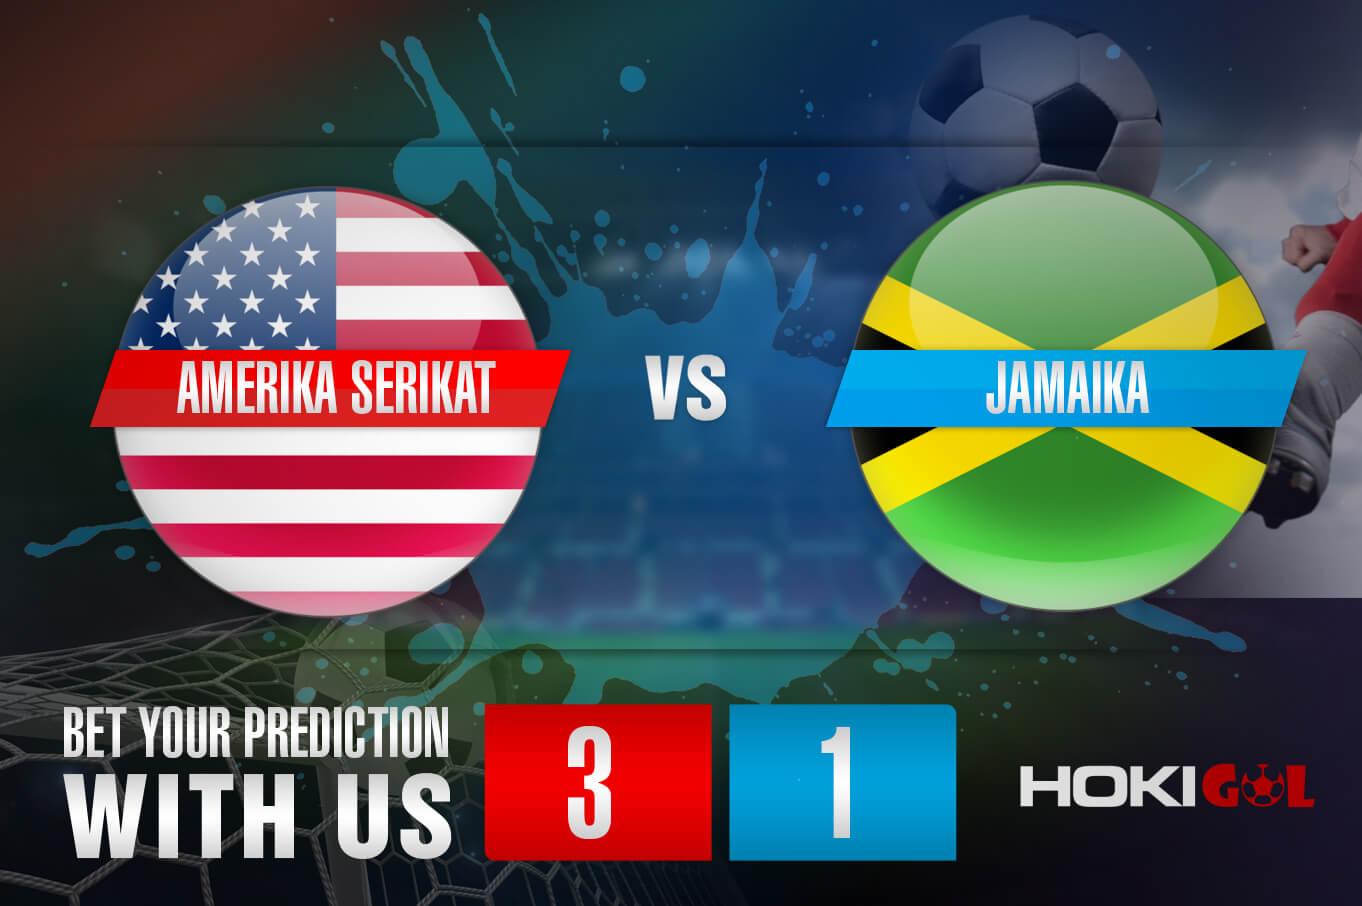 Prediksi Bola Amerika Serikat Vs Jamaika 8 Oktober 2021